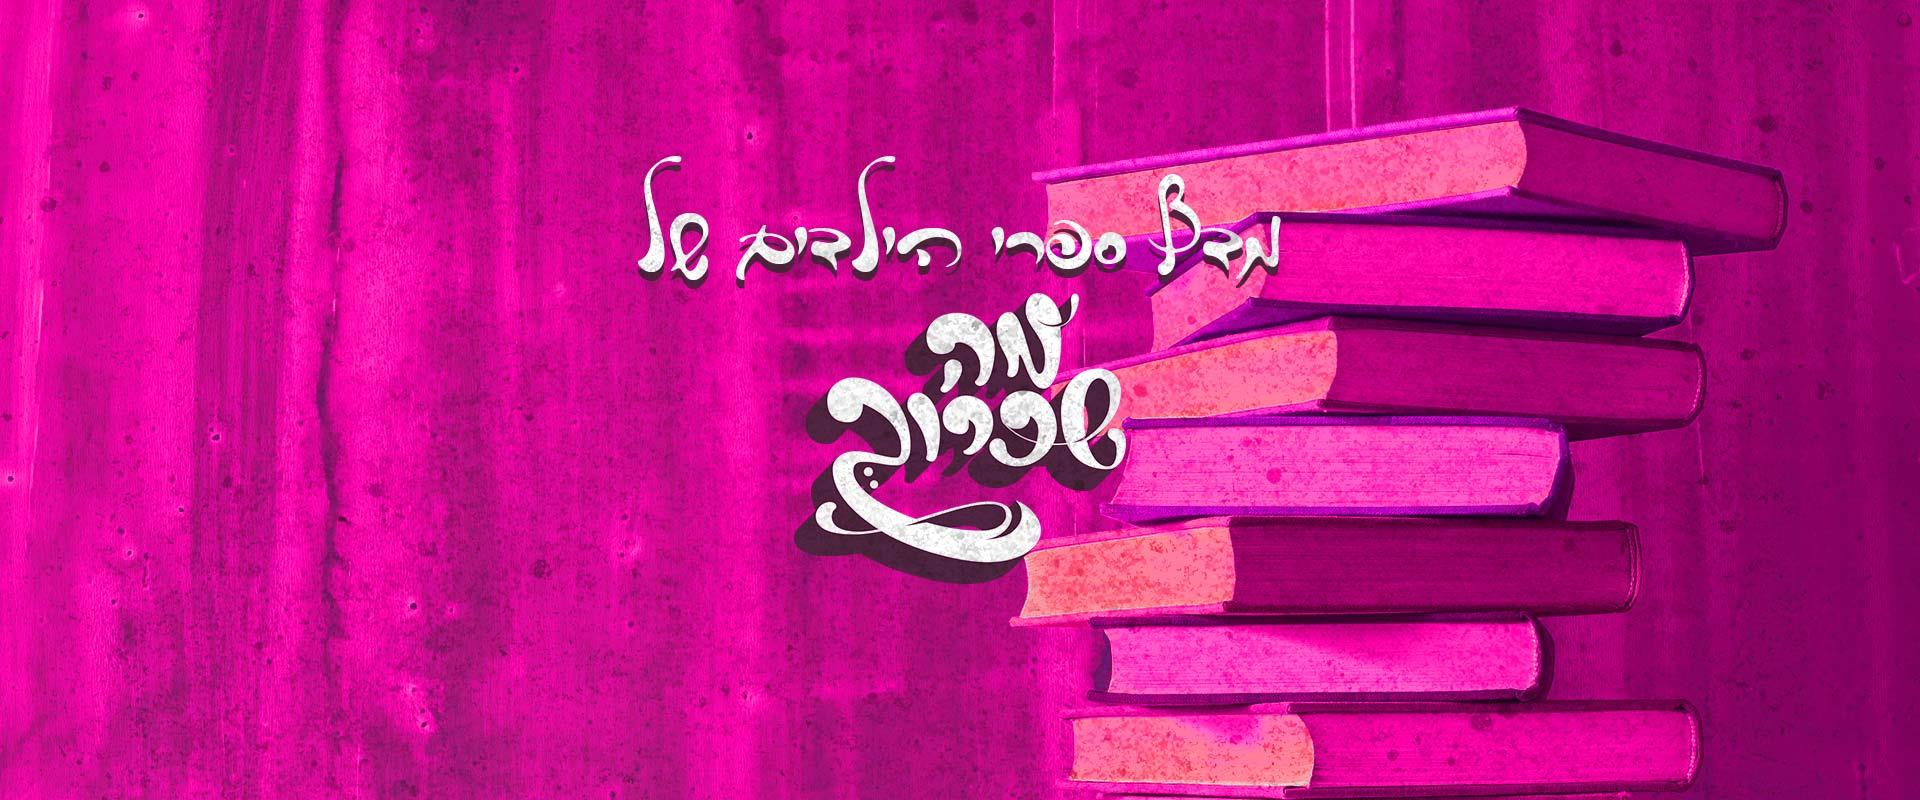 מדף ספרי הילדים של מה שכרוך